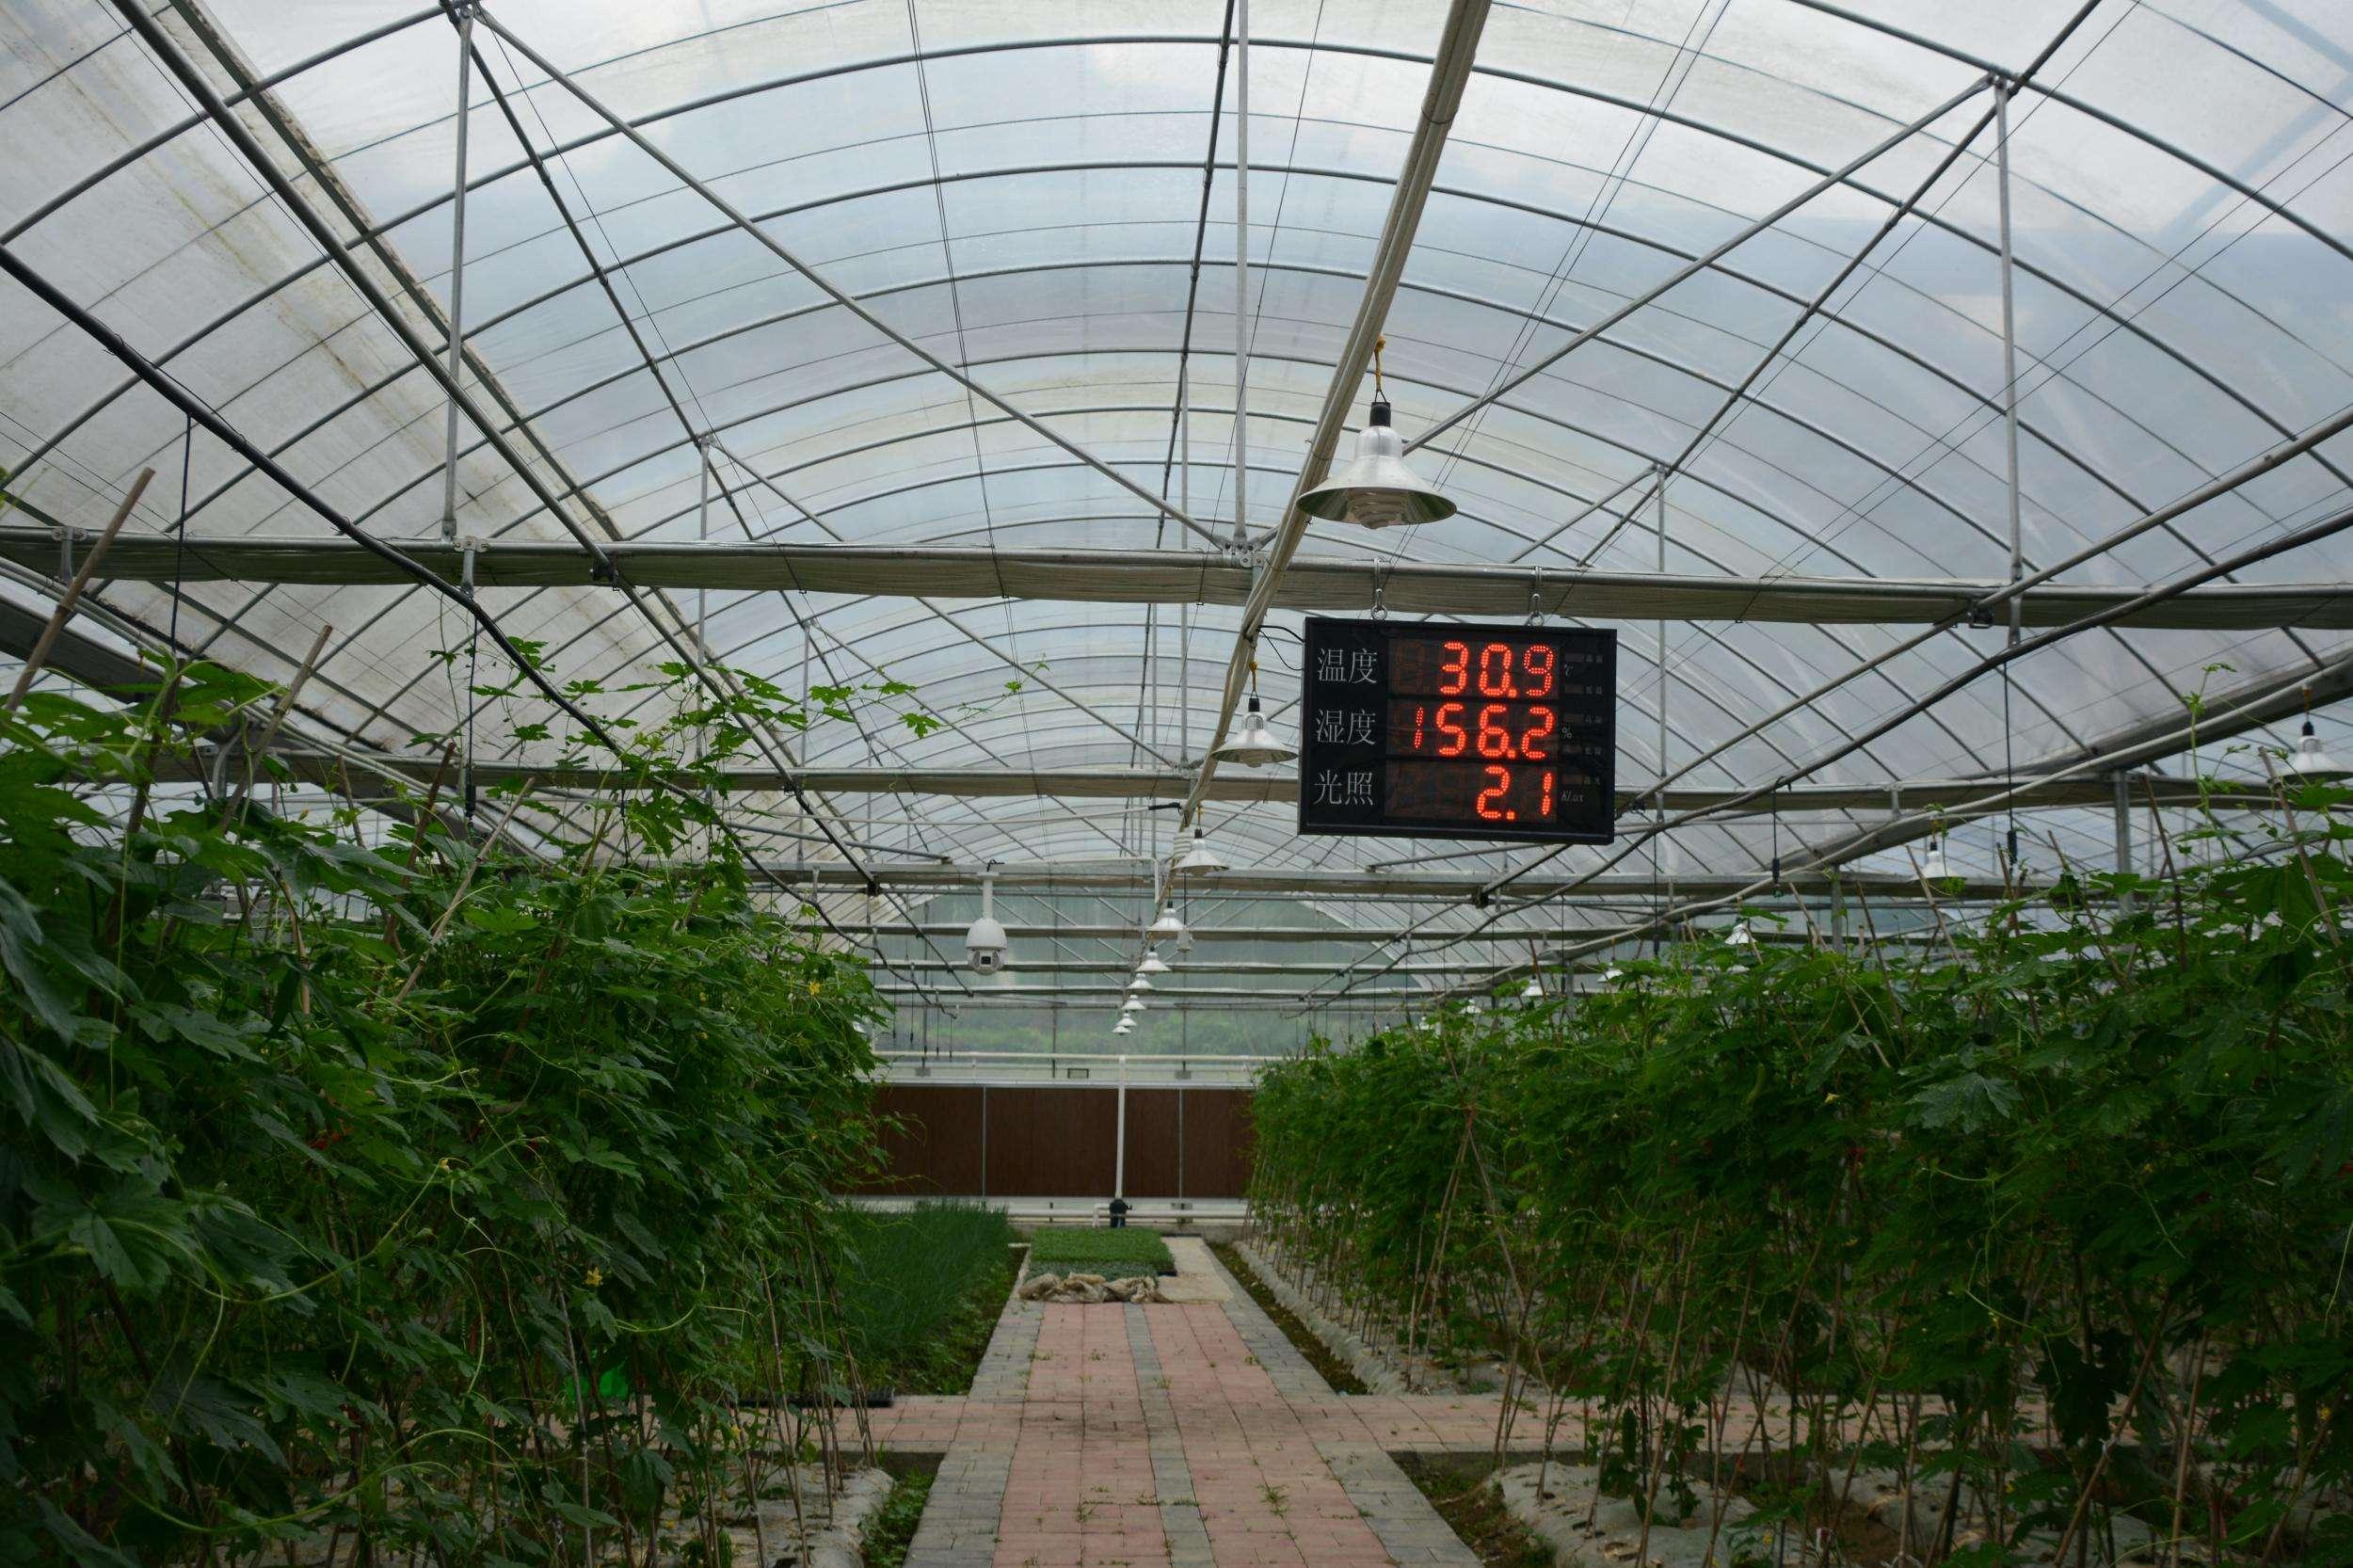 农业使用温室大棚智慧【环境监控系统】解决方案如何建立?